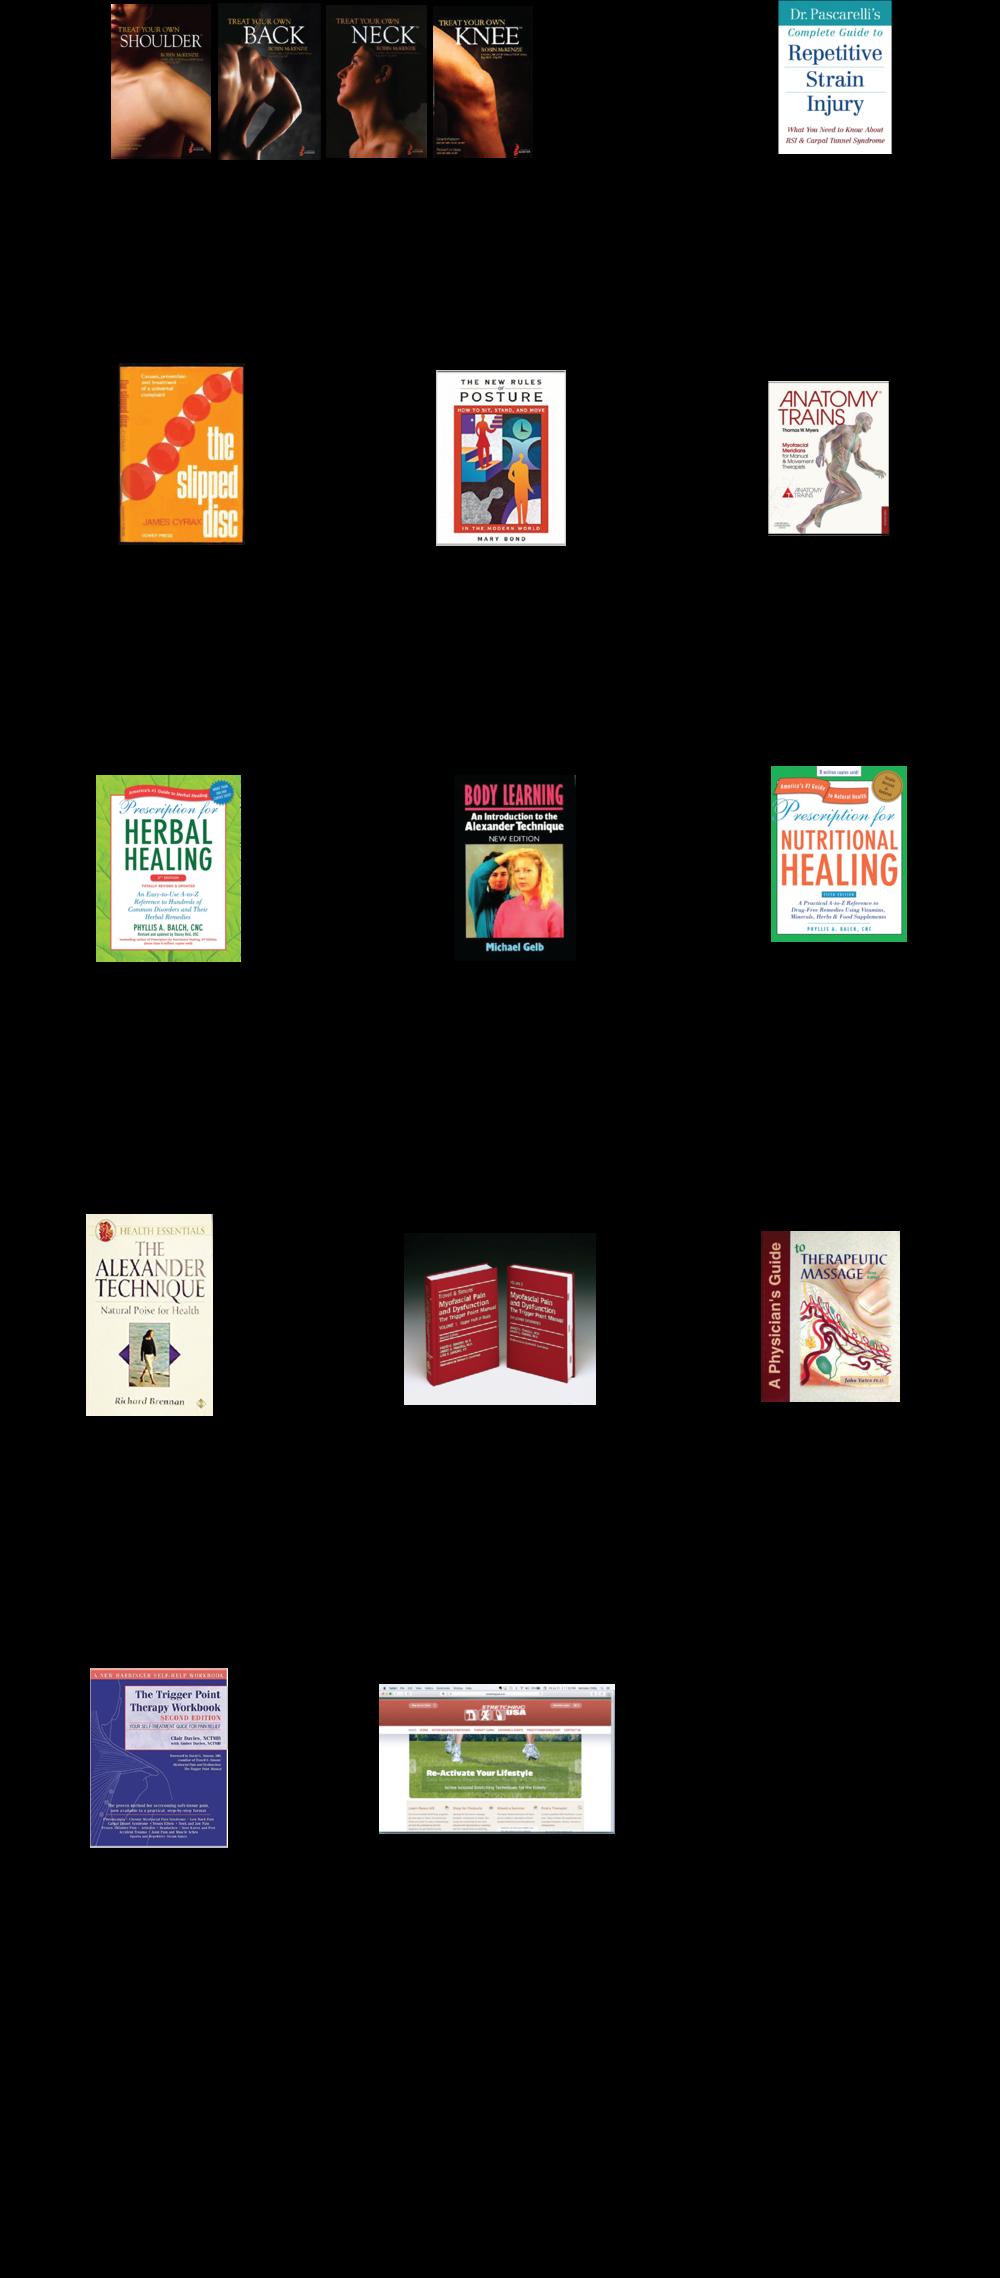 fixyourpainfixyourpostureBooks.png